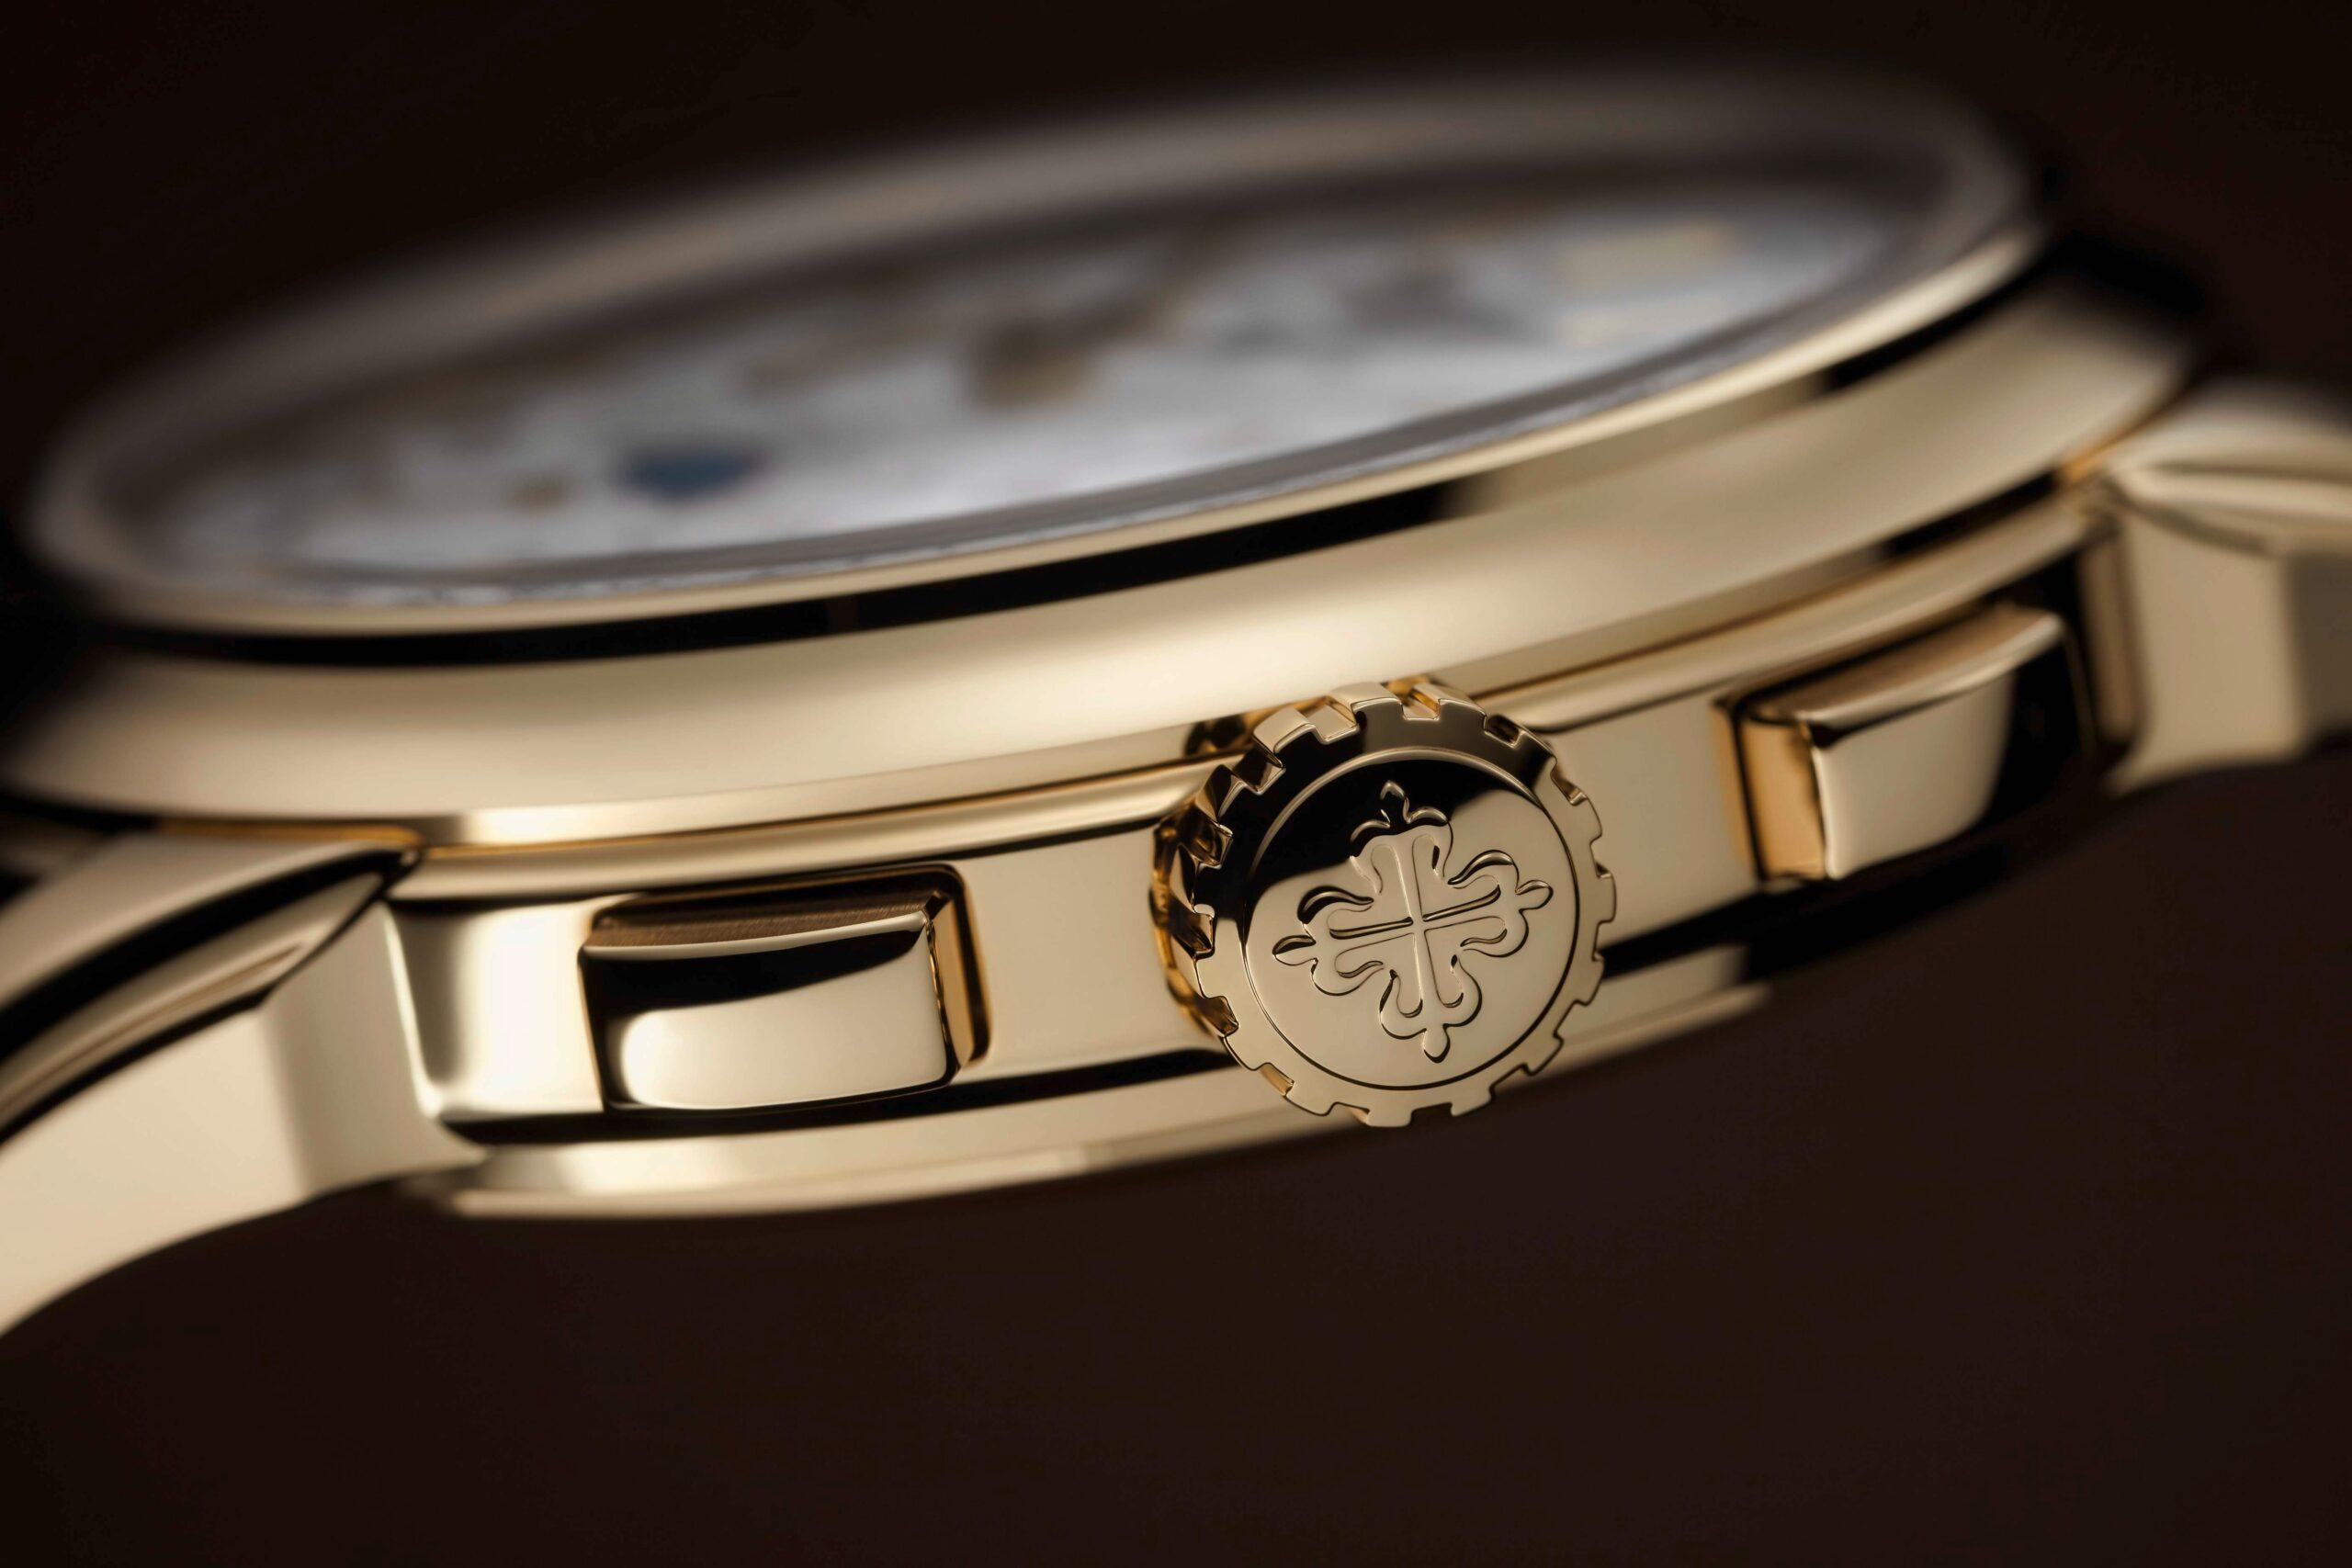 Patek Philippe Perpetual Calendar Chronograph Ref 5270J-001 -3